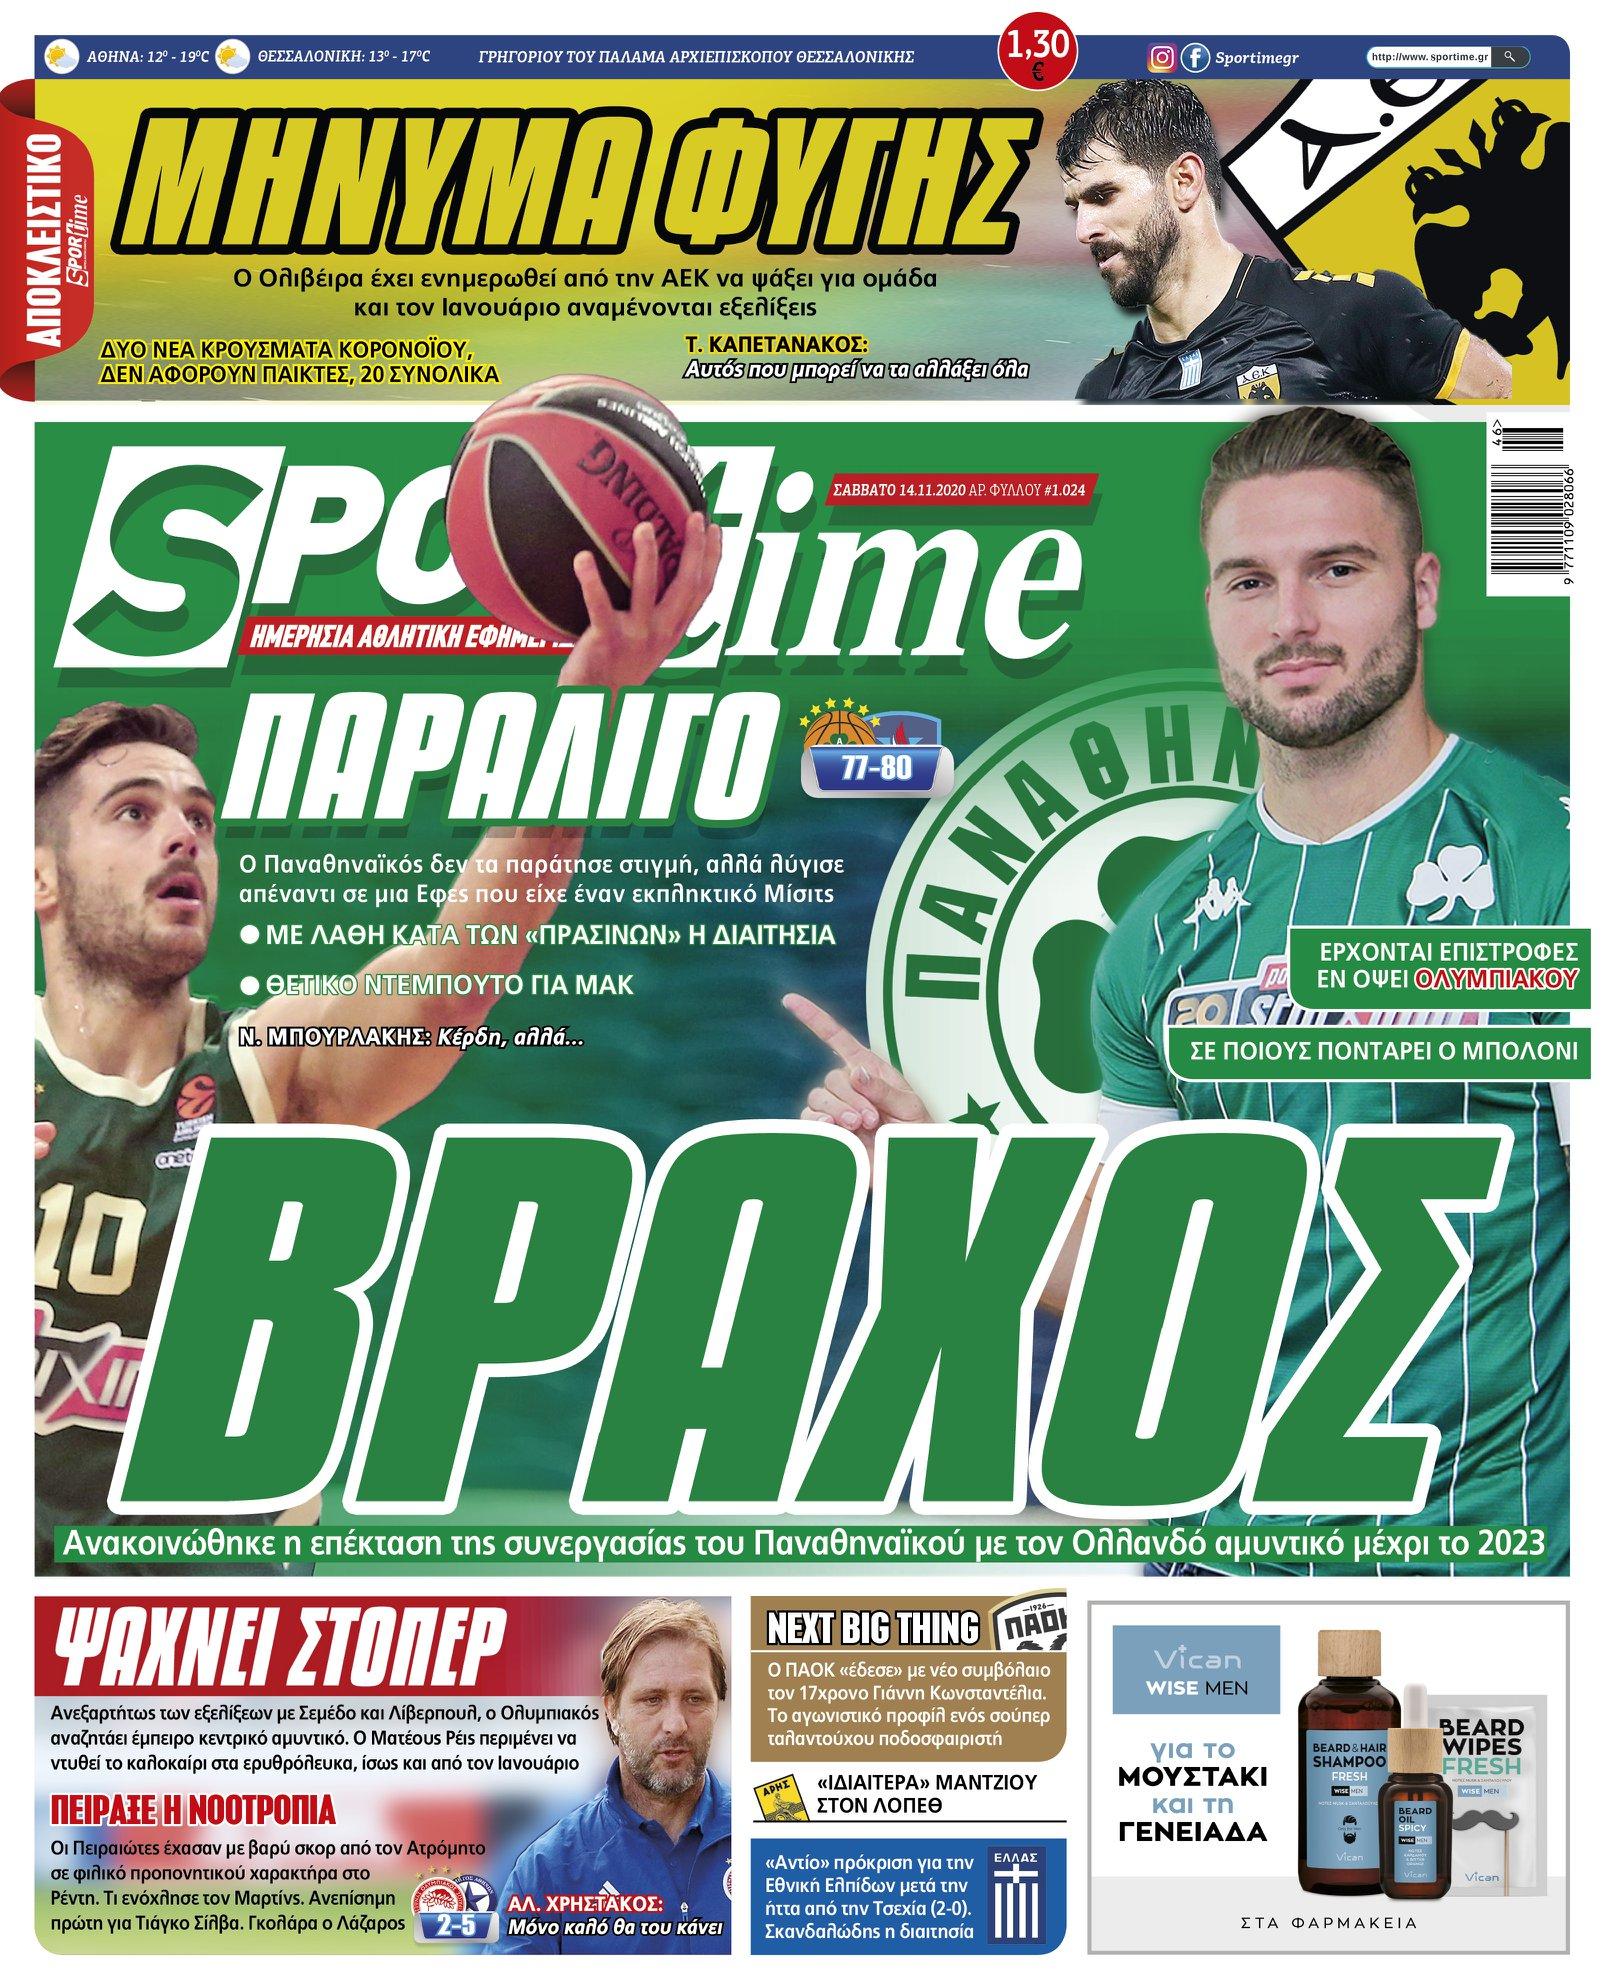 Εφημερίδα SPORTIME - Εξώφυλλο φύλλου 14/11/2020